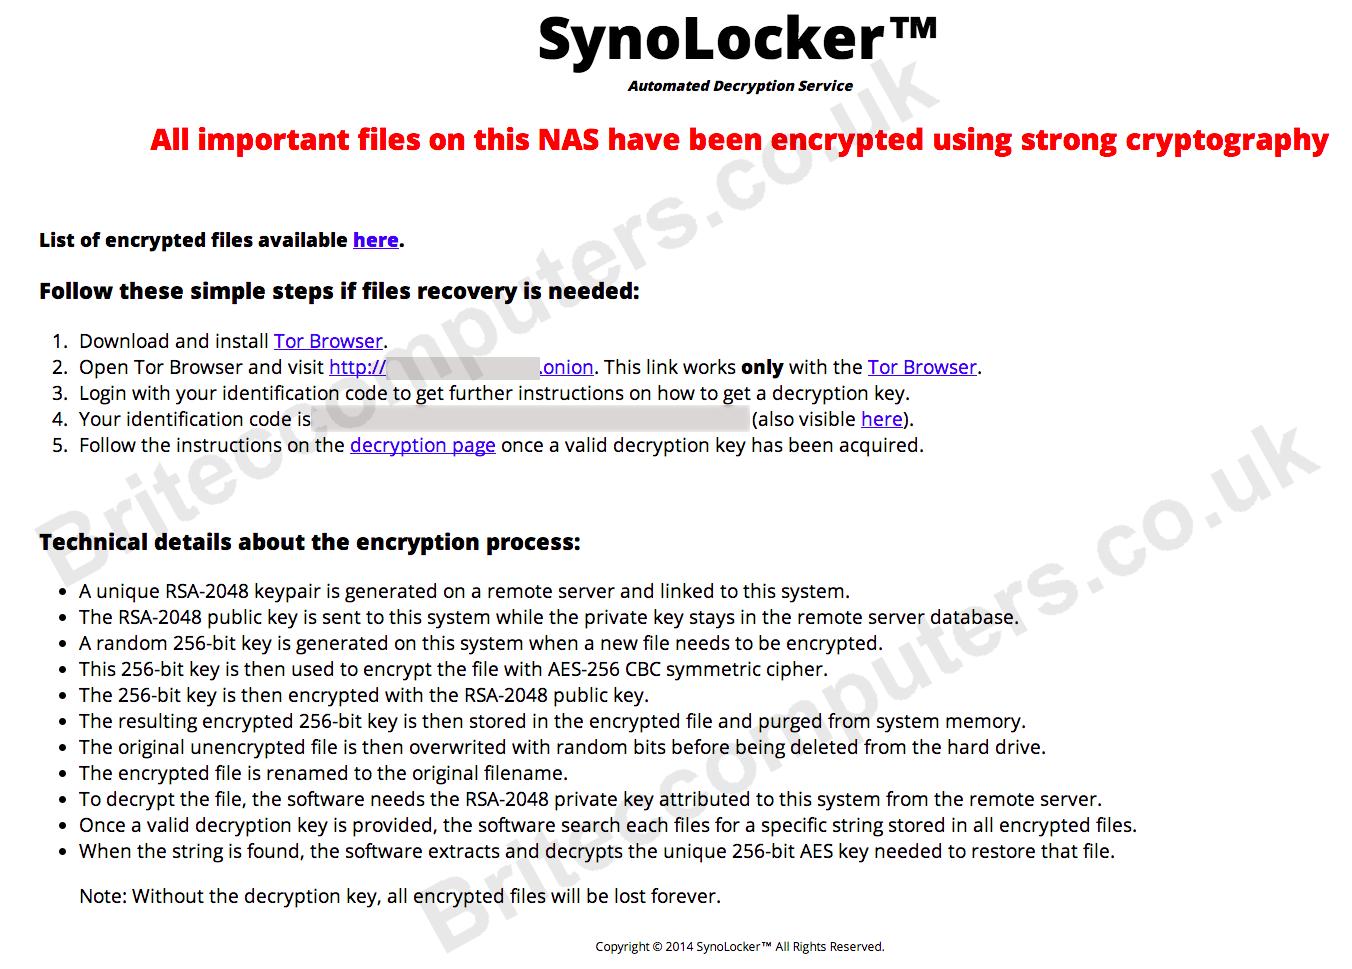 Synolocker2